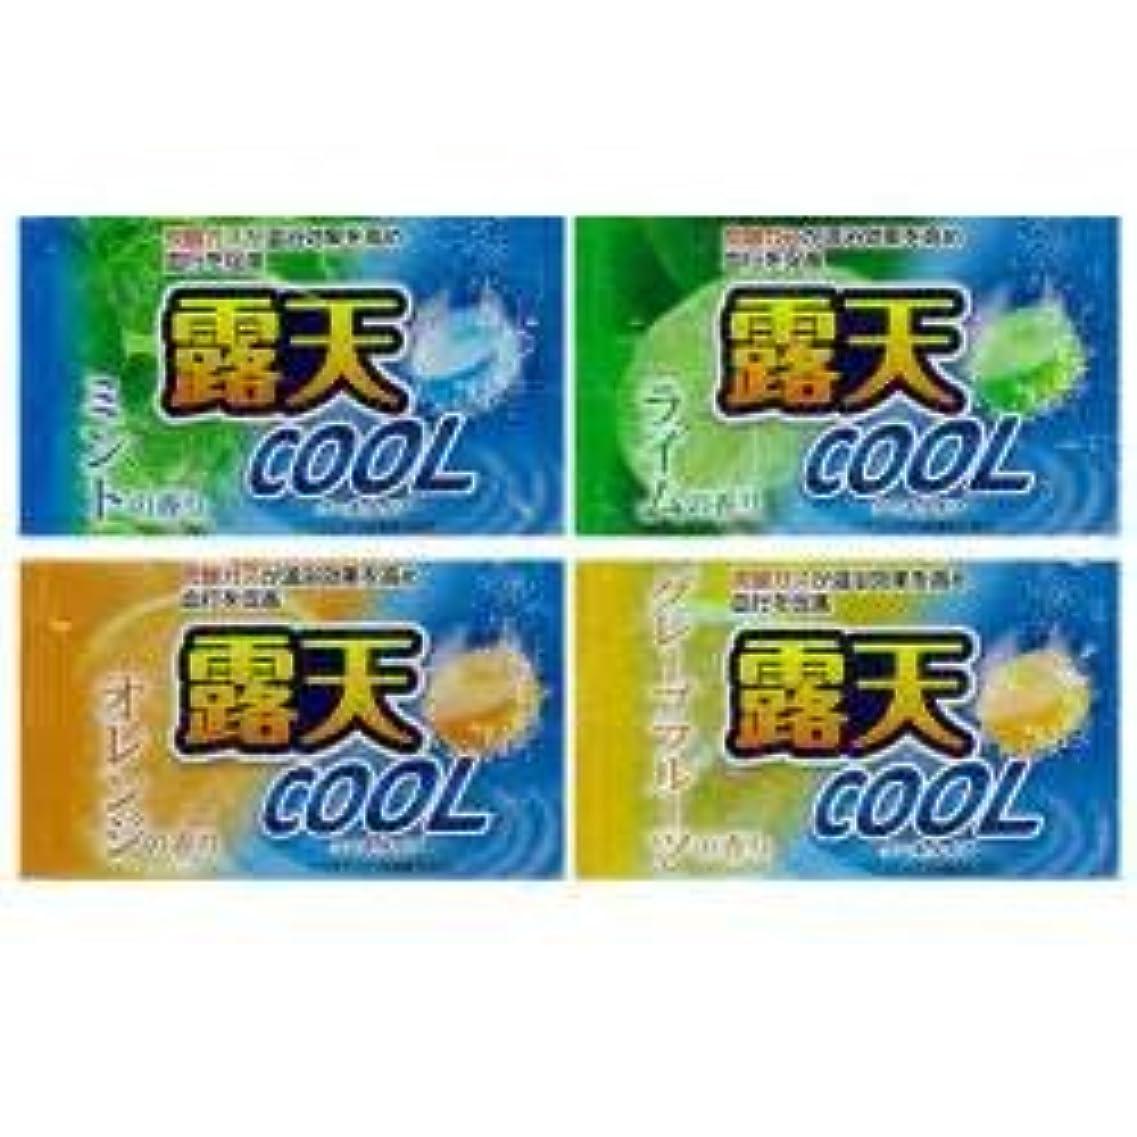 逆にパテ人気の薬用発泡入浴剤 露天クール 4種×3 12個